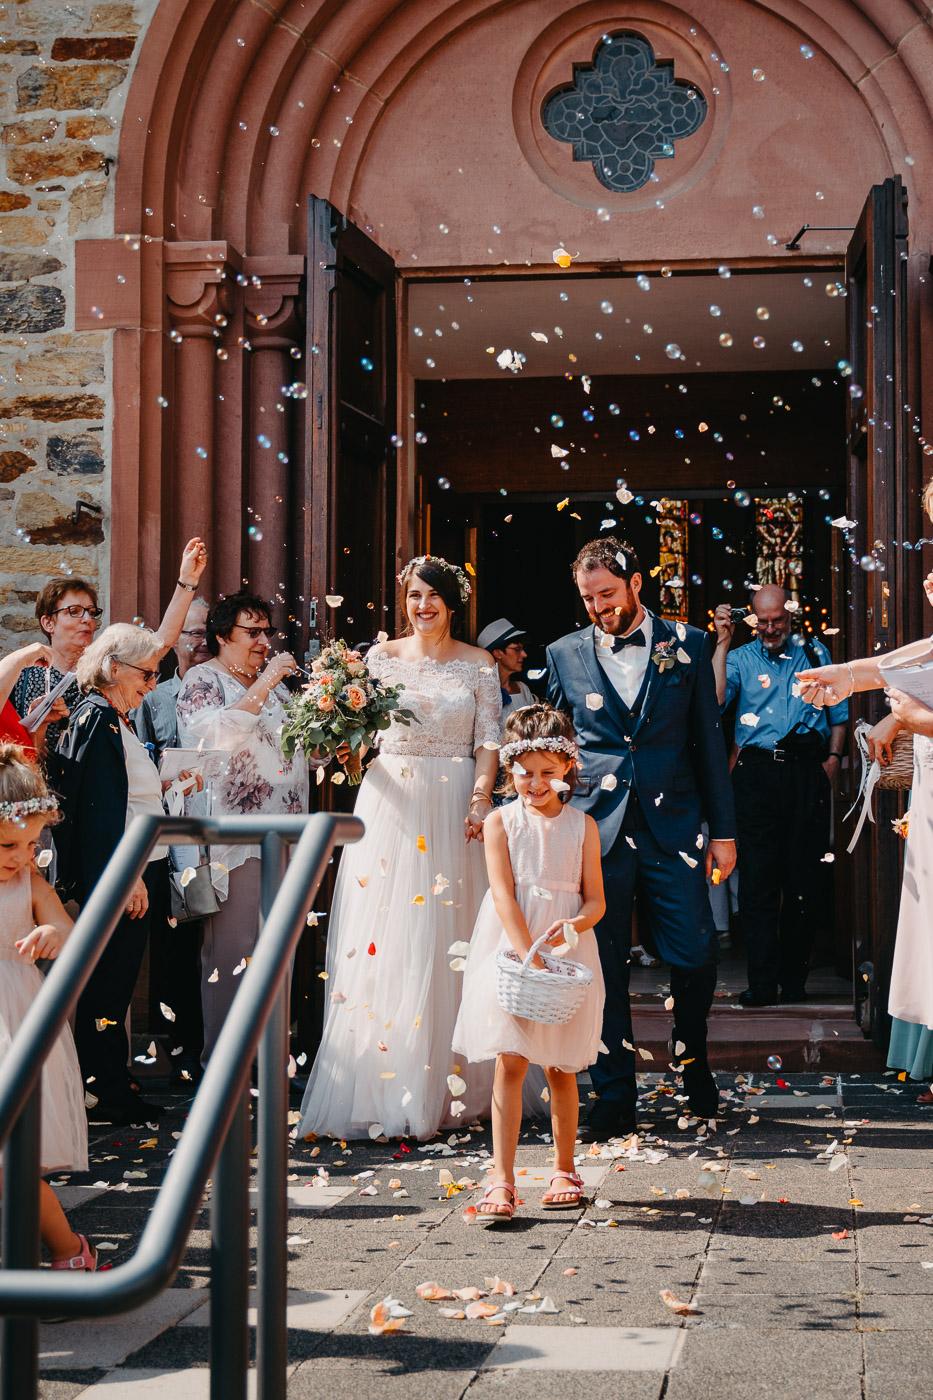 ZIBART.DE - wedding - lowq - 2018.08.04 - 2264.JPG